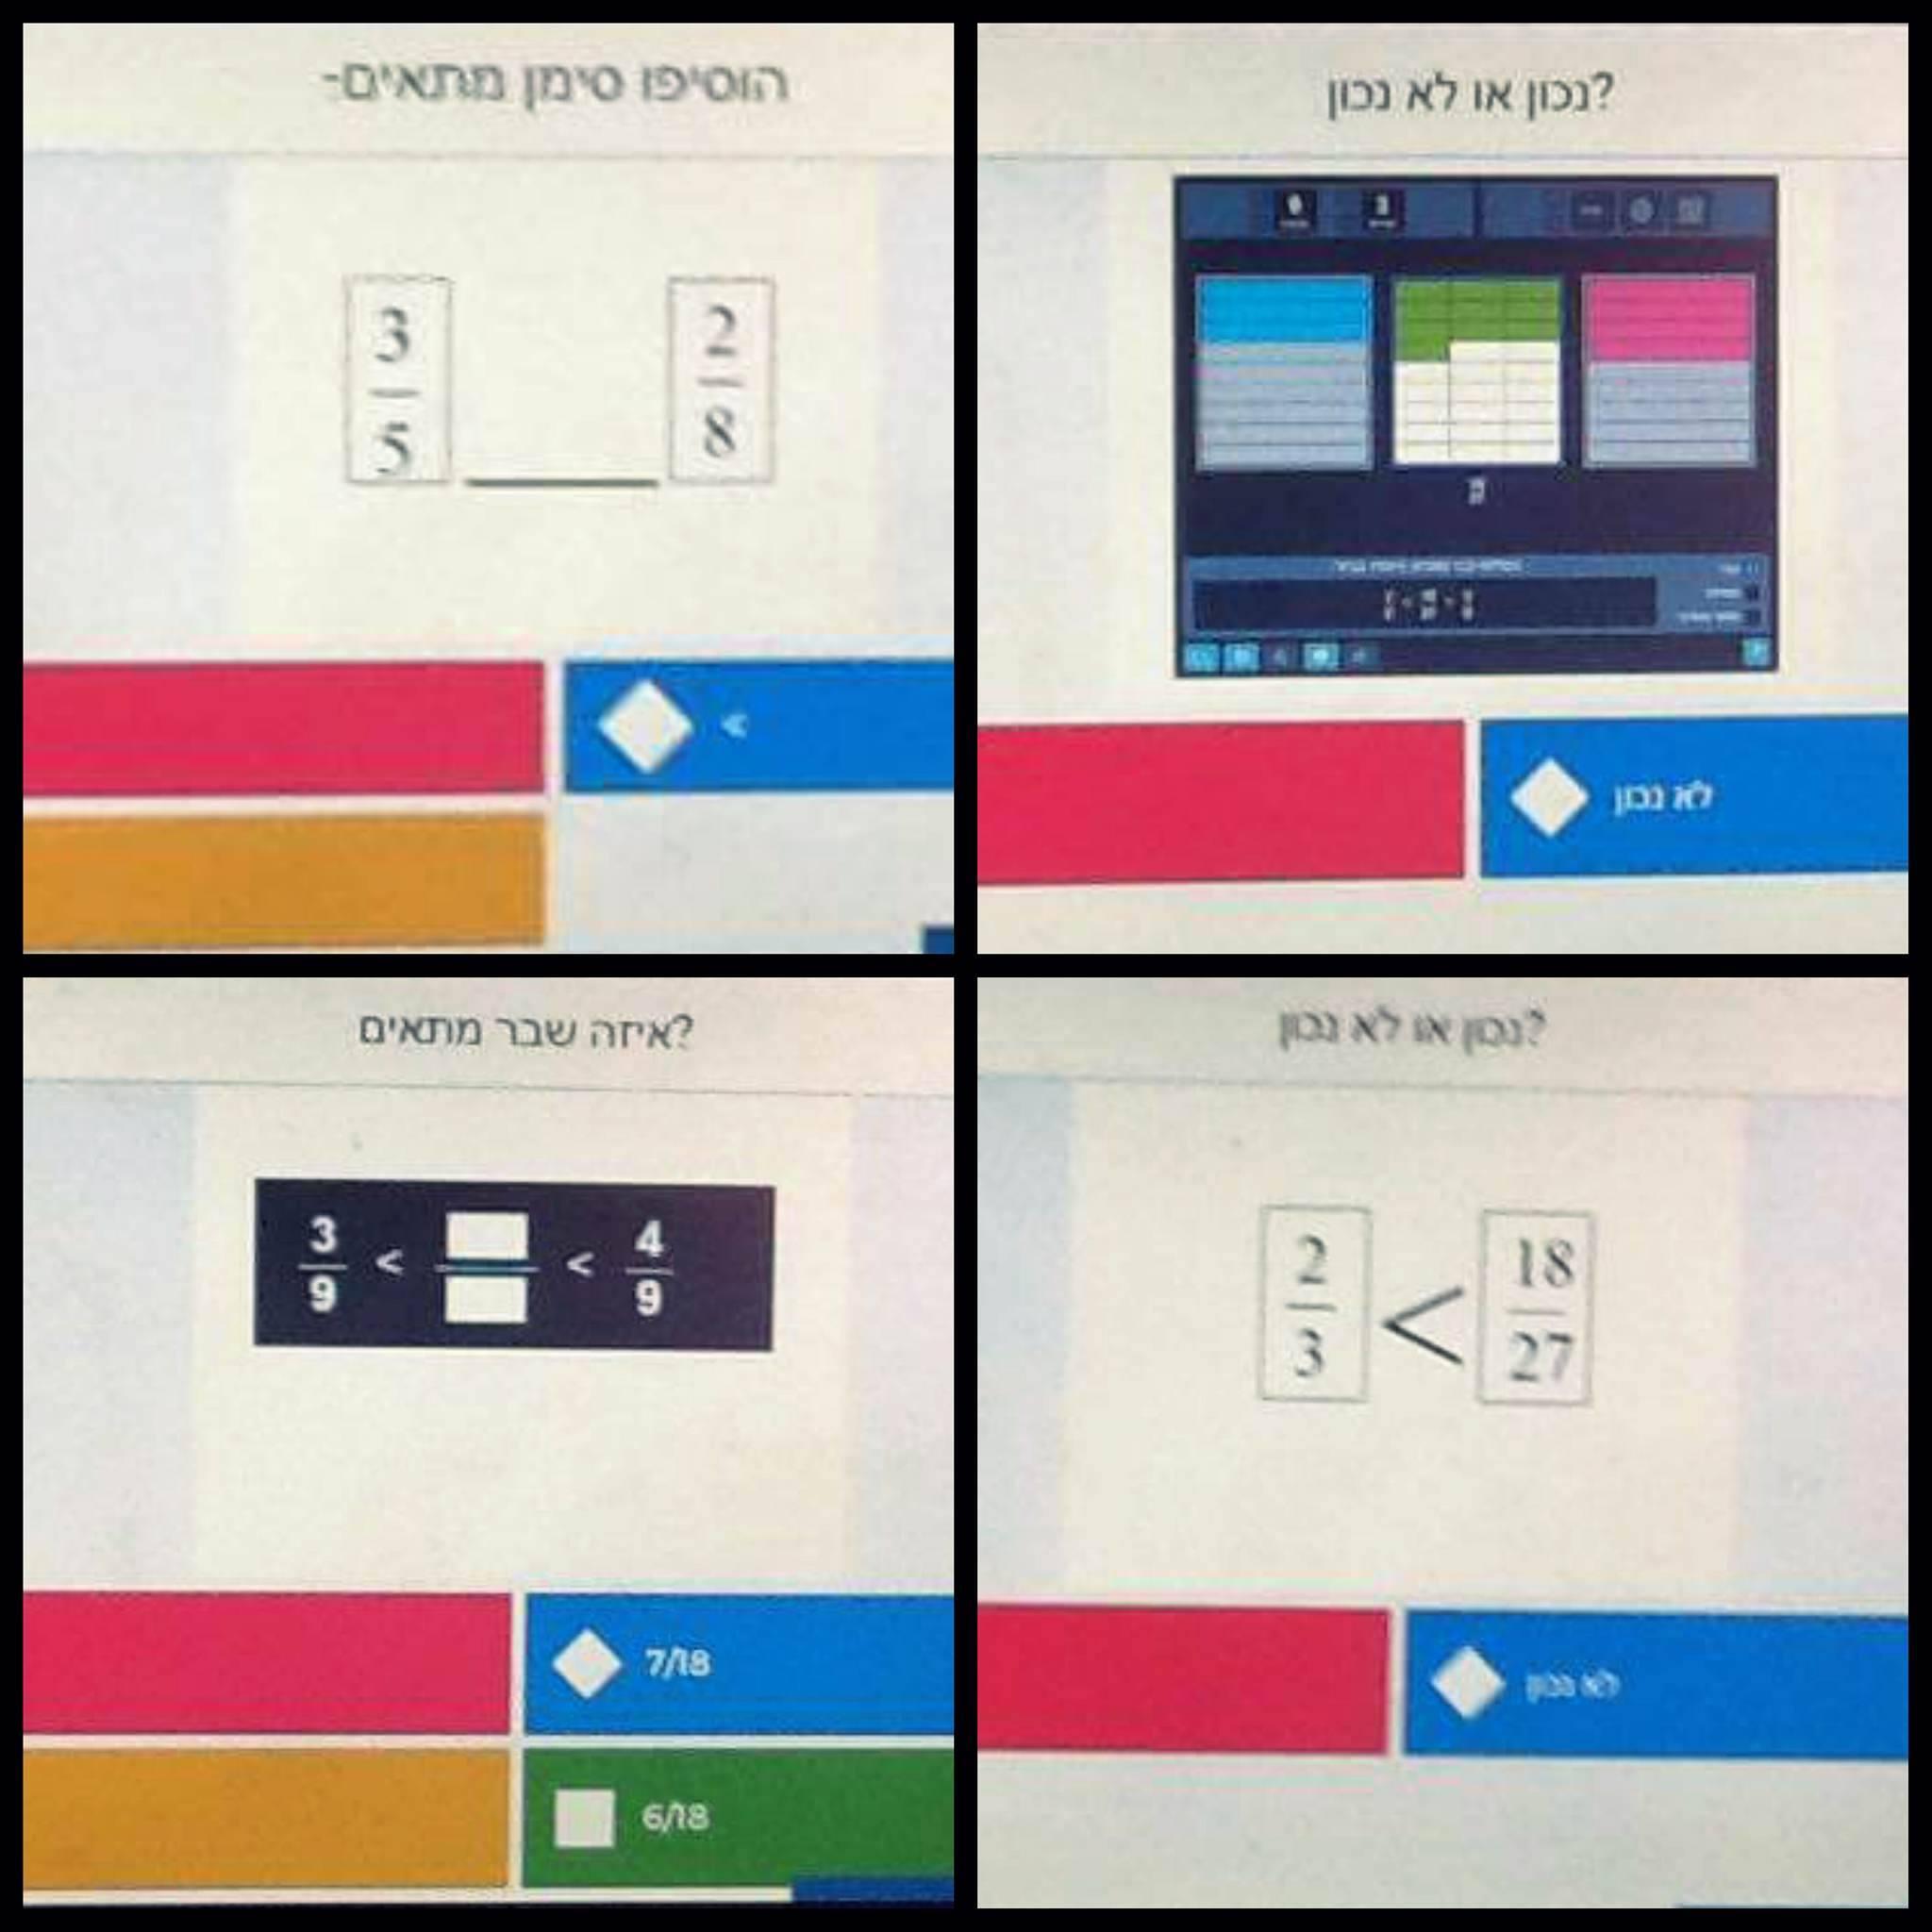 נושאים מתמטיים בסביבה טכנולוגית מתקדמת- קבוצה 2 by rotem - Illustrated by רותם, דניאל ואמילי - Ourboox.com